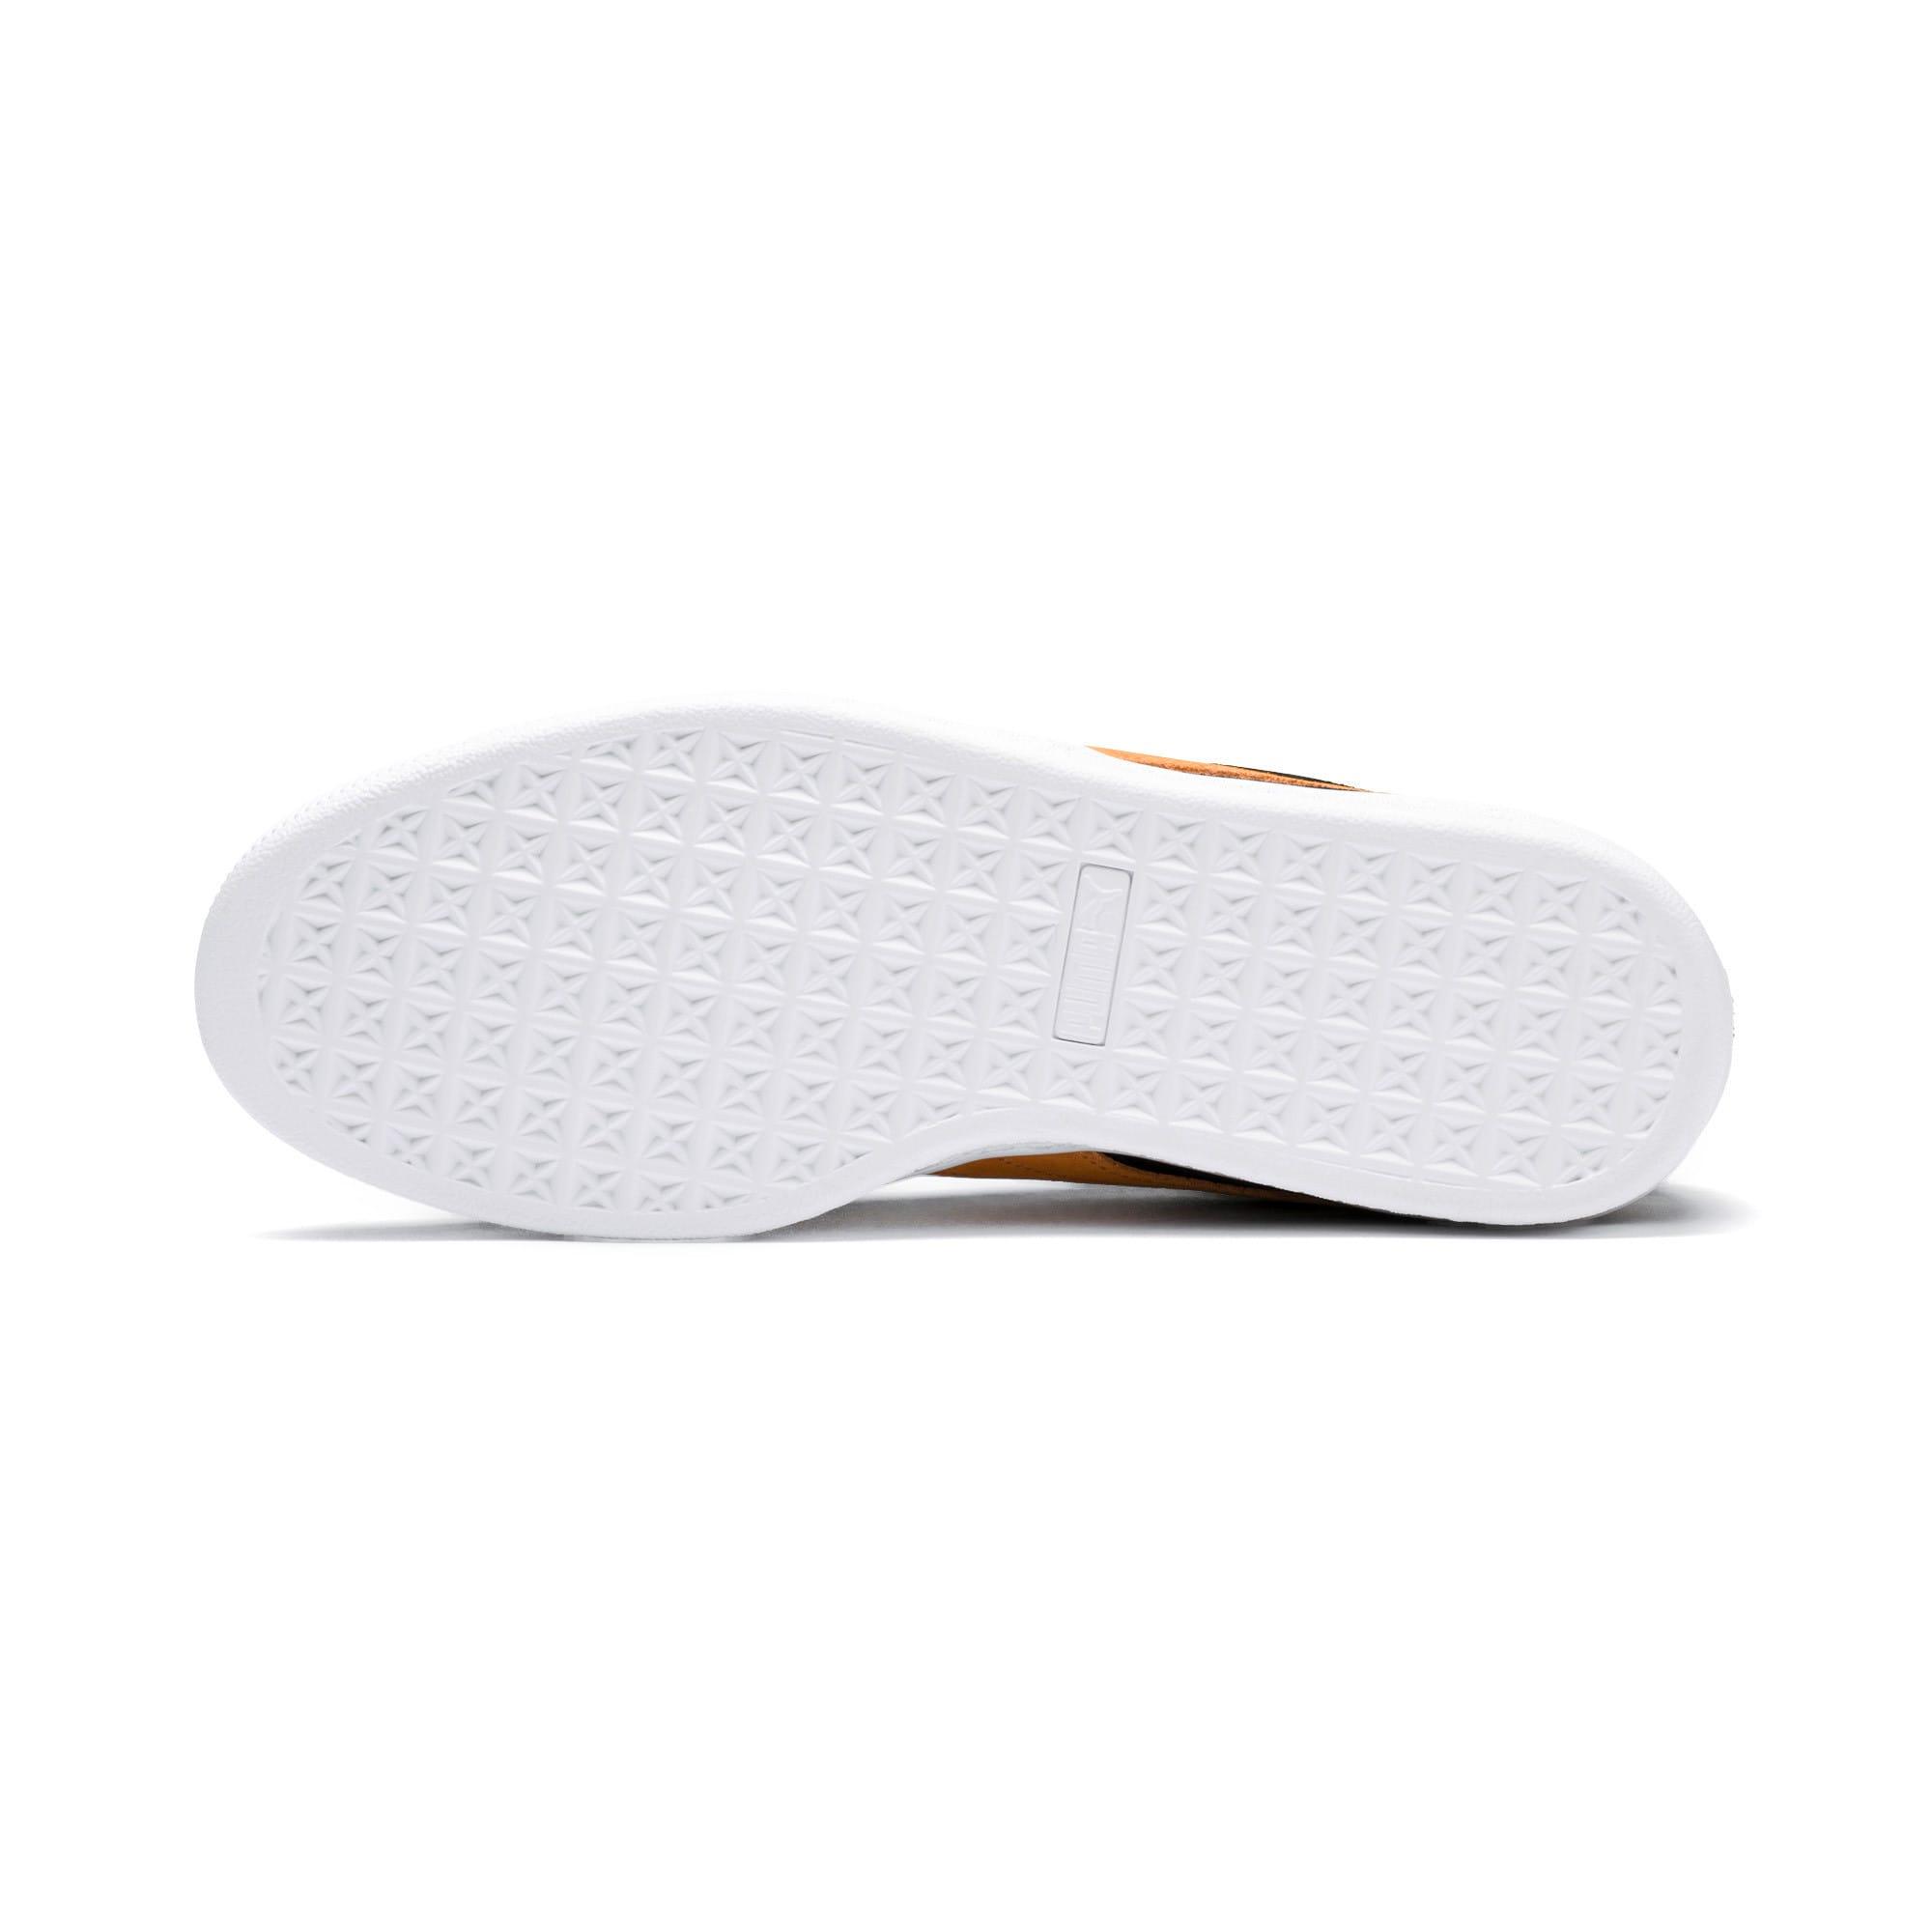 Imagen en miniatura 5 de Zapatillas Suede Classic, Puma Black-Orange Pop, mediana